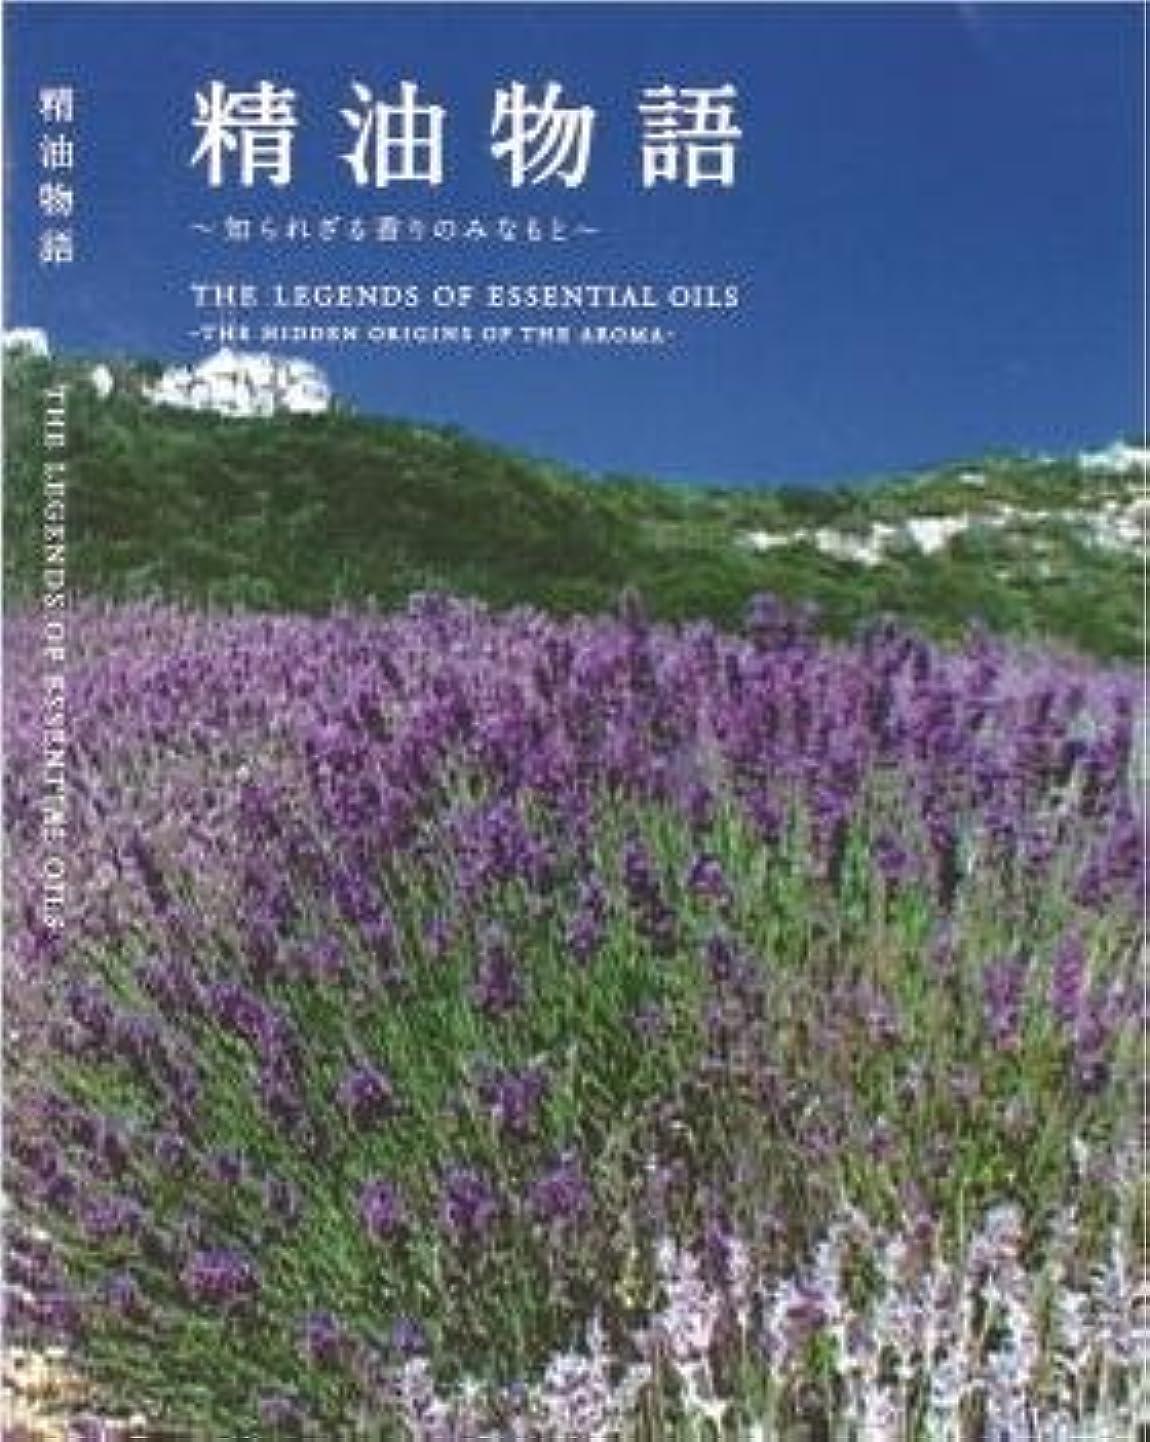 冷ややかな影響力のある着る精油物語「~知られざる香りのみなもと~」DVD